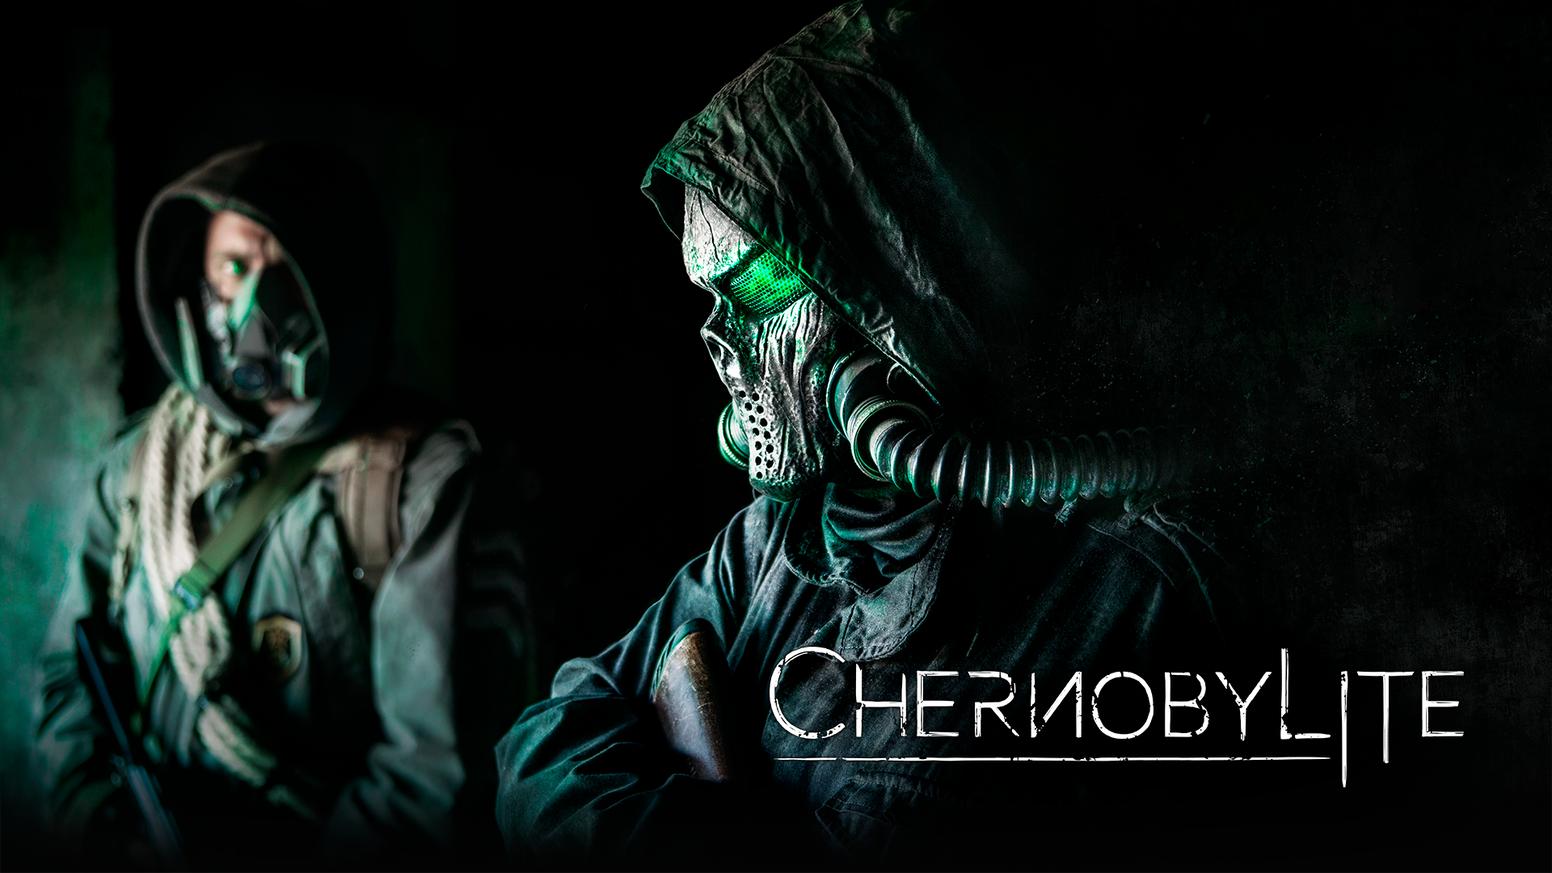 Chernobylite sebagai game baru Juli 2021 rilis tanggal 28